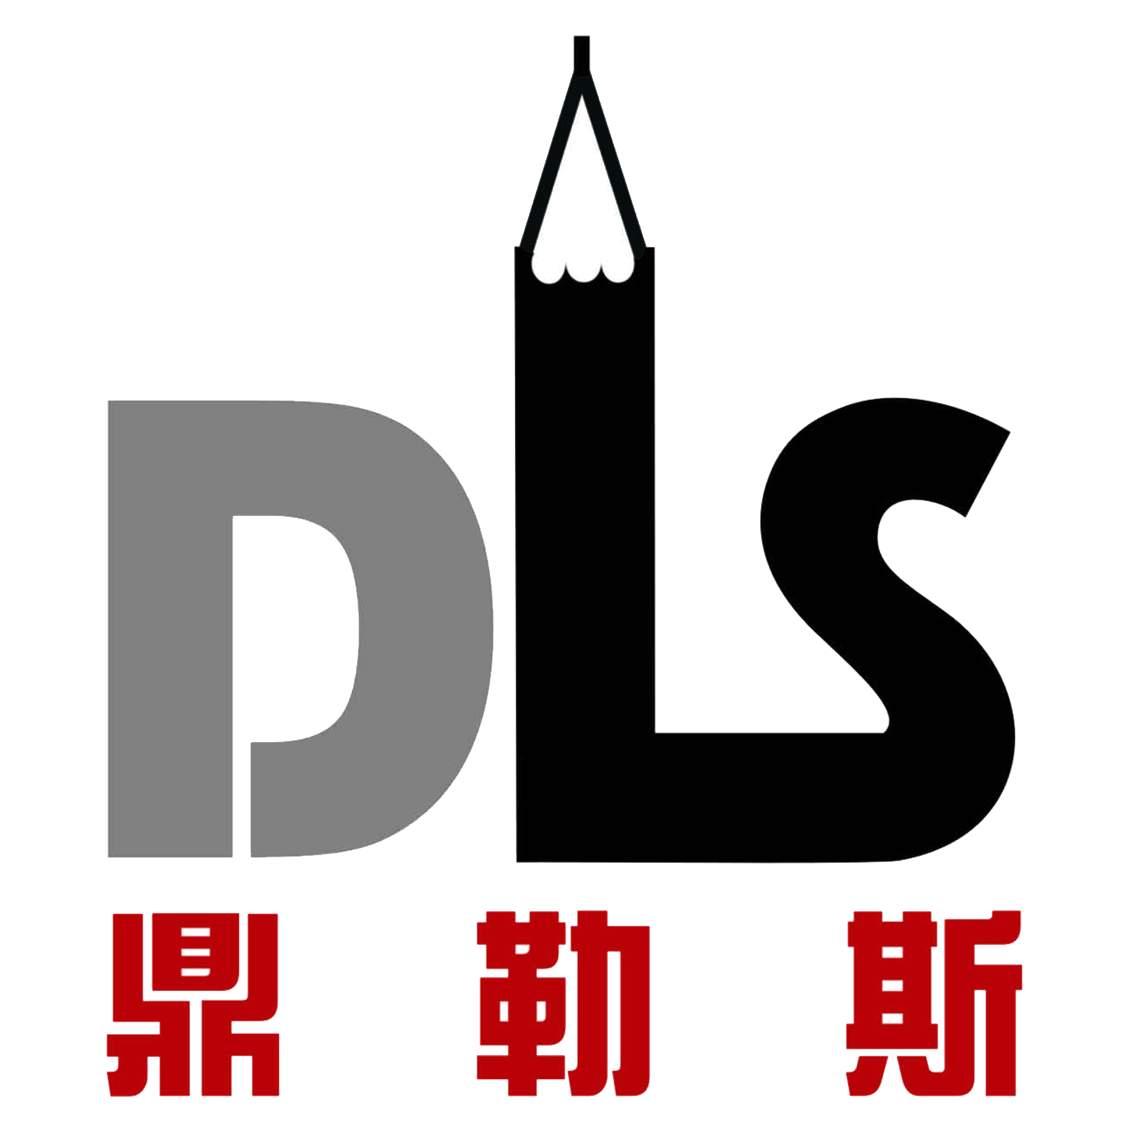 鼎勒斯-鼎勒斯建筑装饰设计工程有限公司